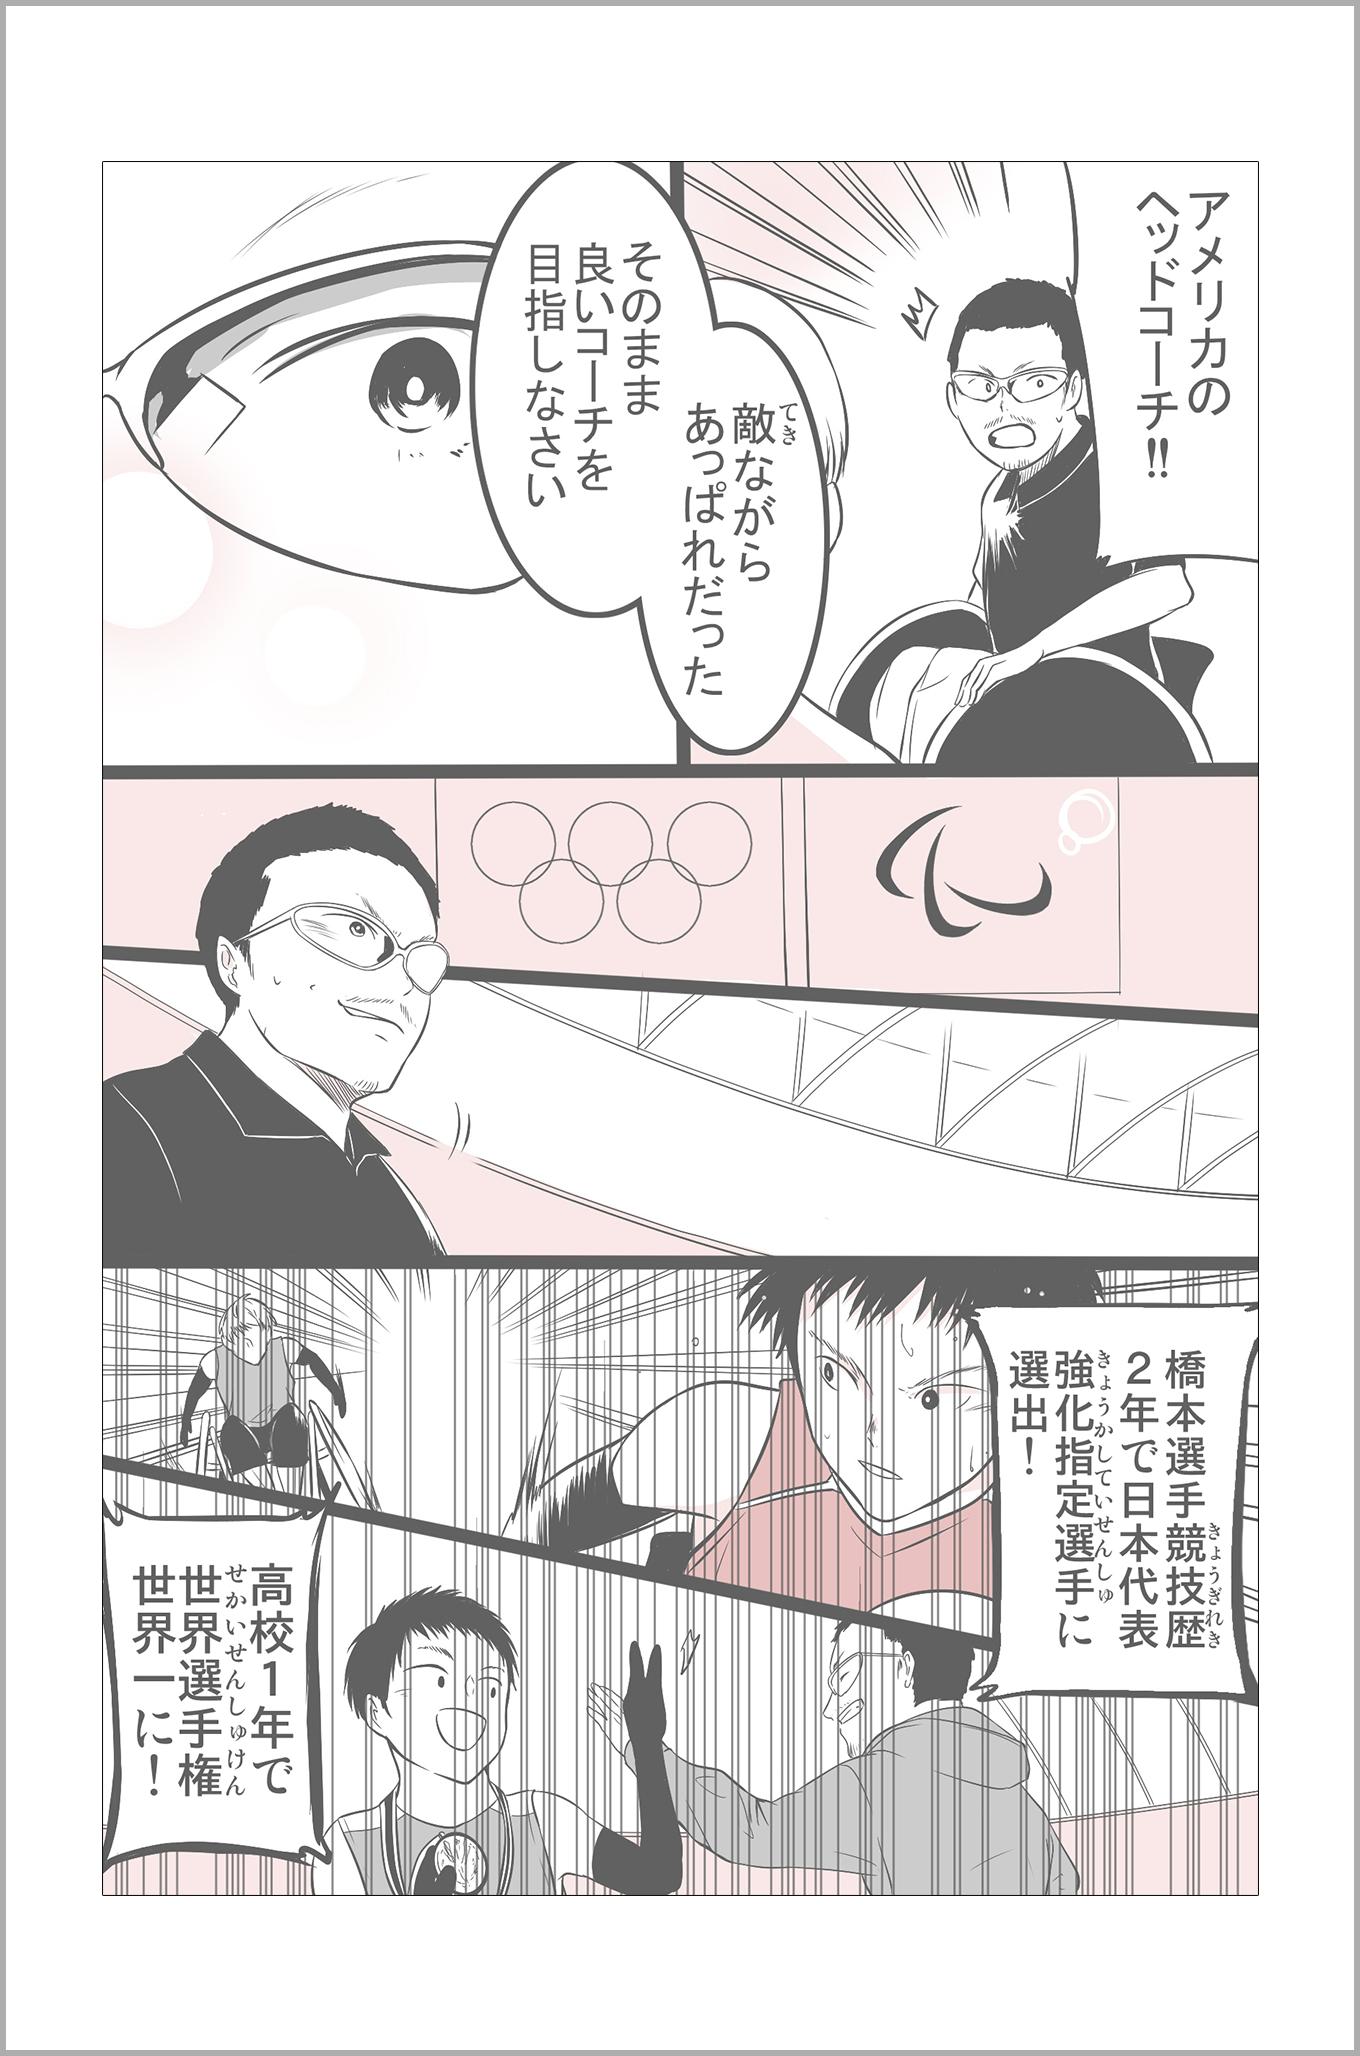 アメリカのヘッドコーチ!敵ながらあっぱれだった。そのまま良いコーチを目指しなさい。橋本選手競技歴2年で日本代表強化指定選手に選出!高校1年で世界選手権世界一に!